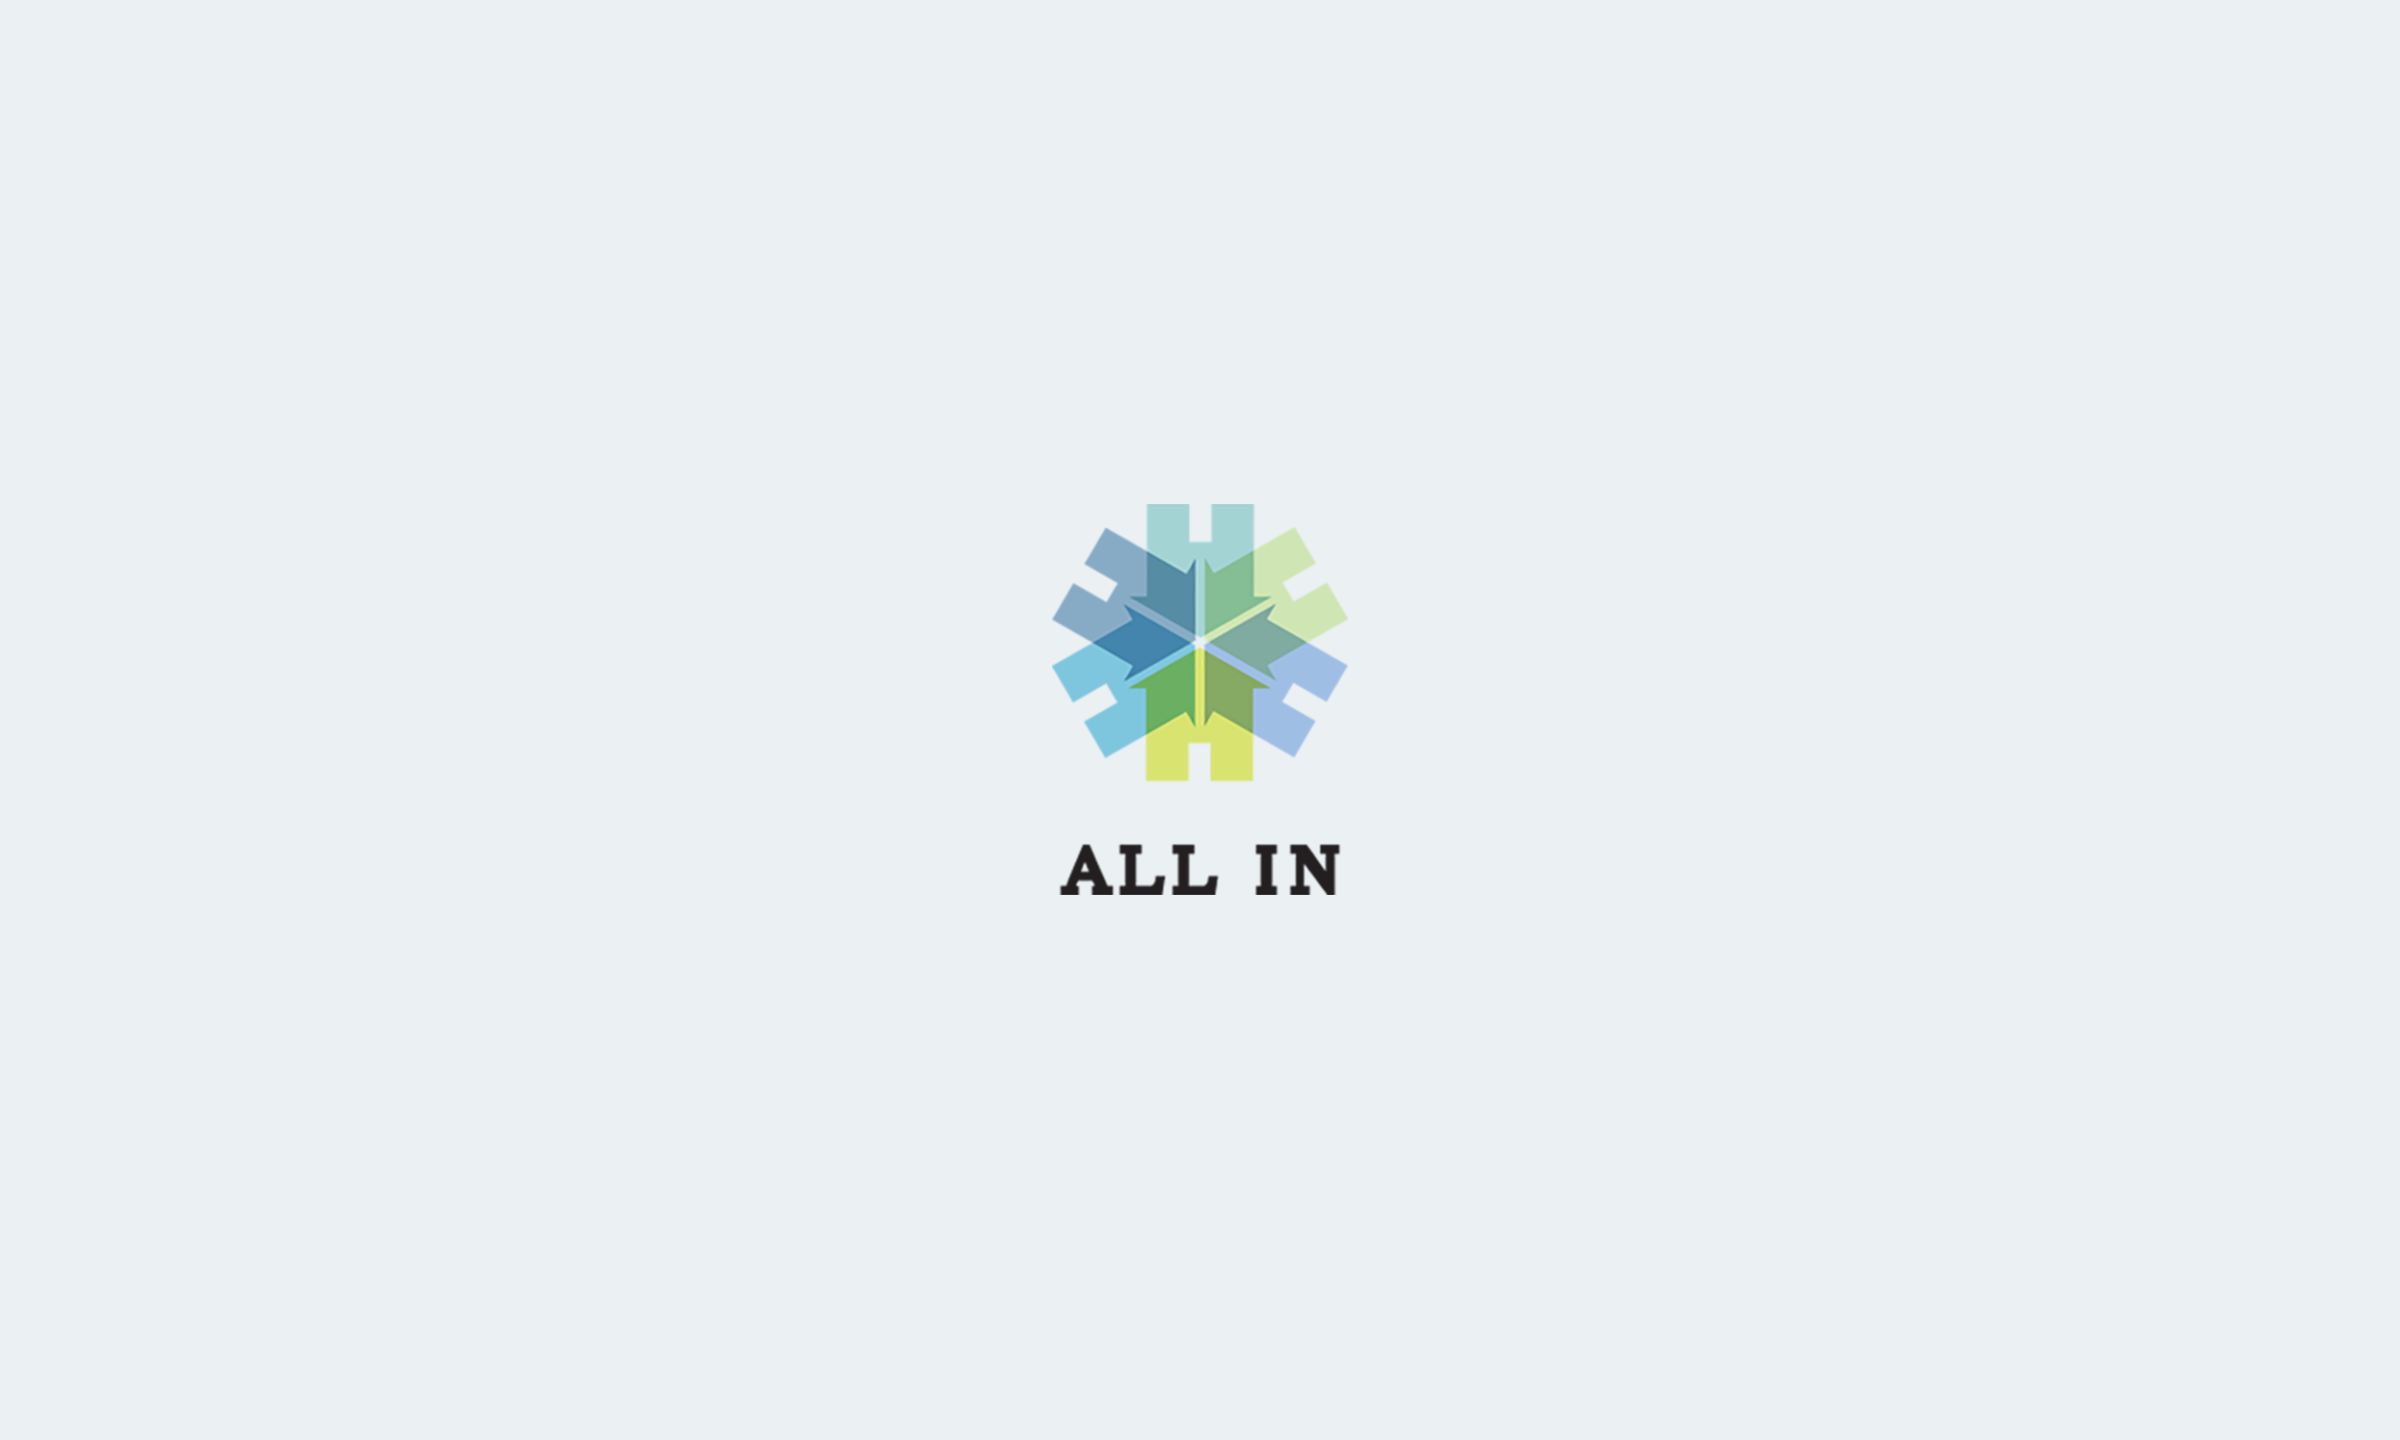 DesignAhoy_allin.png